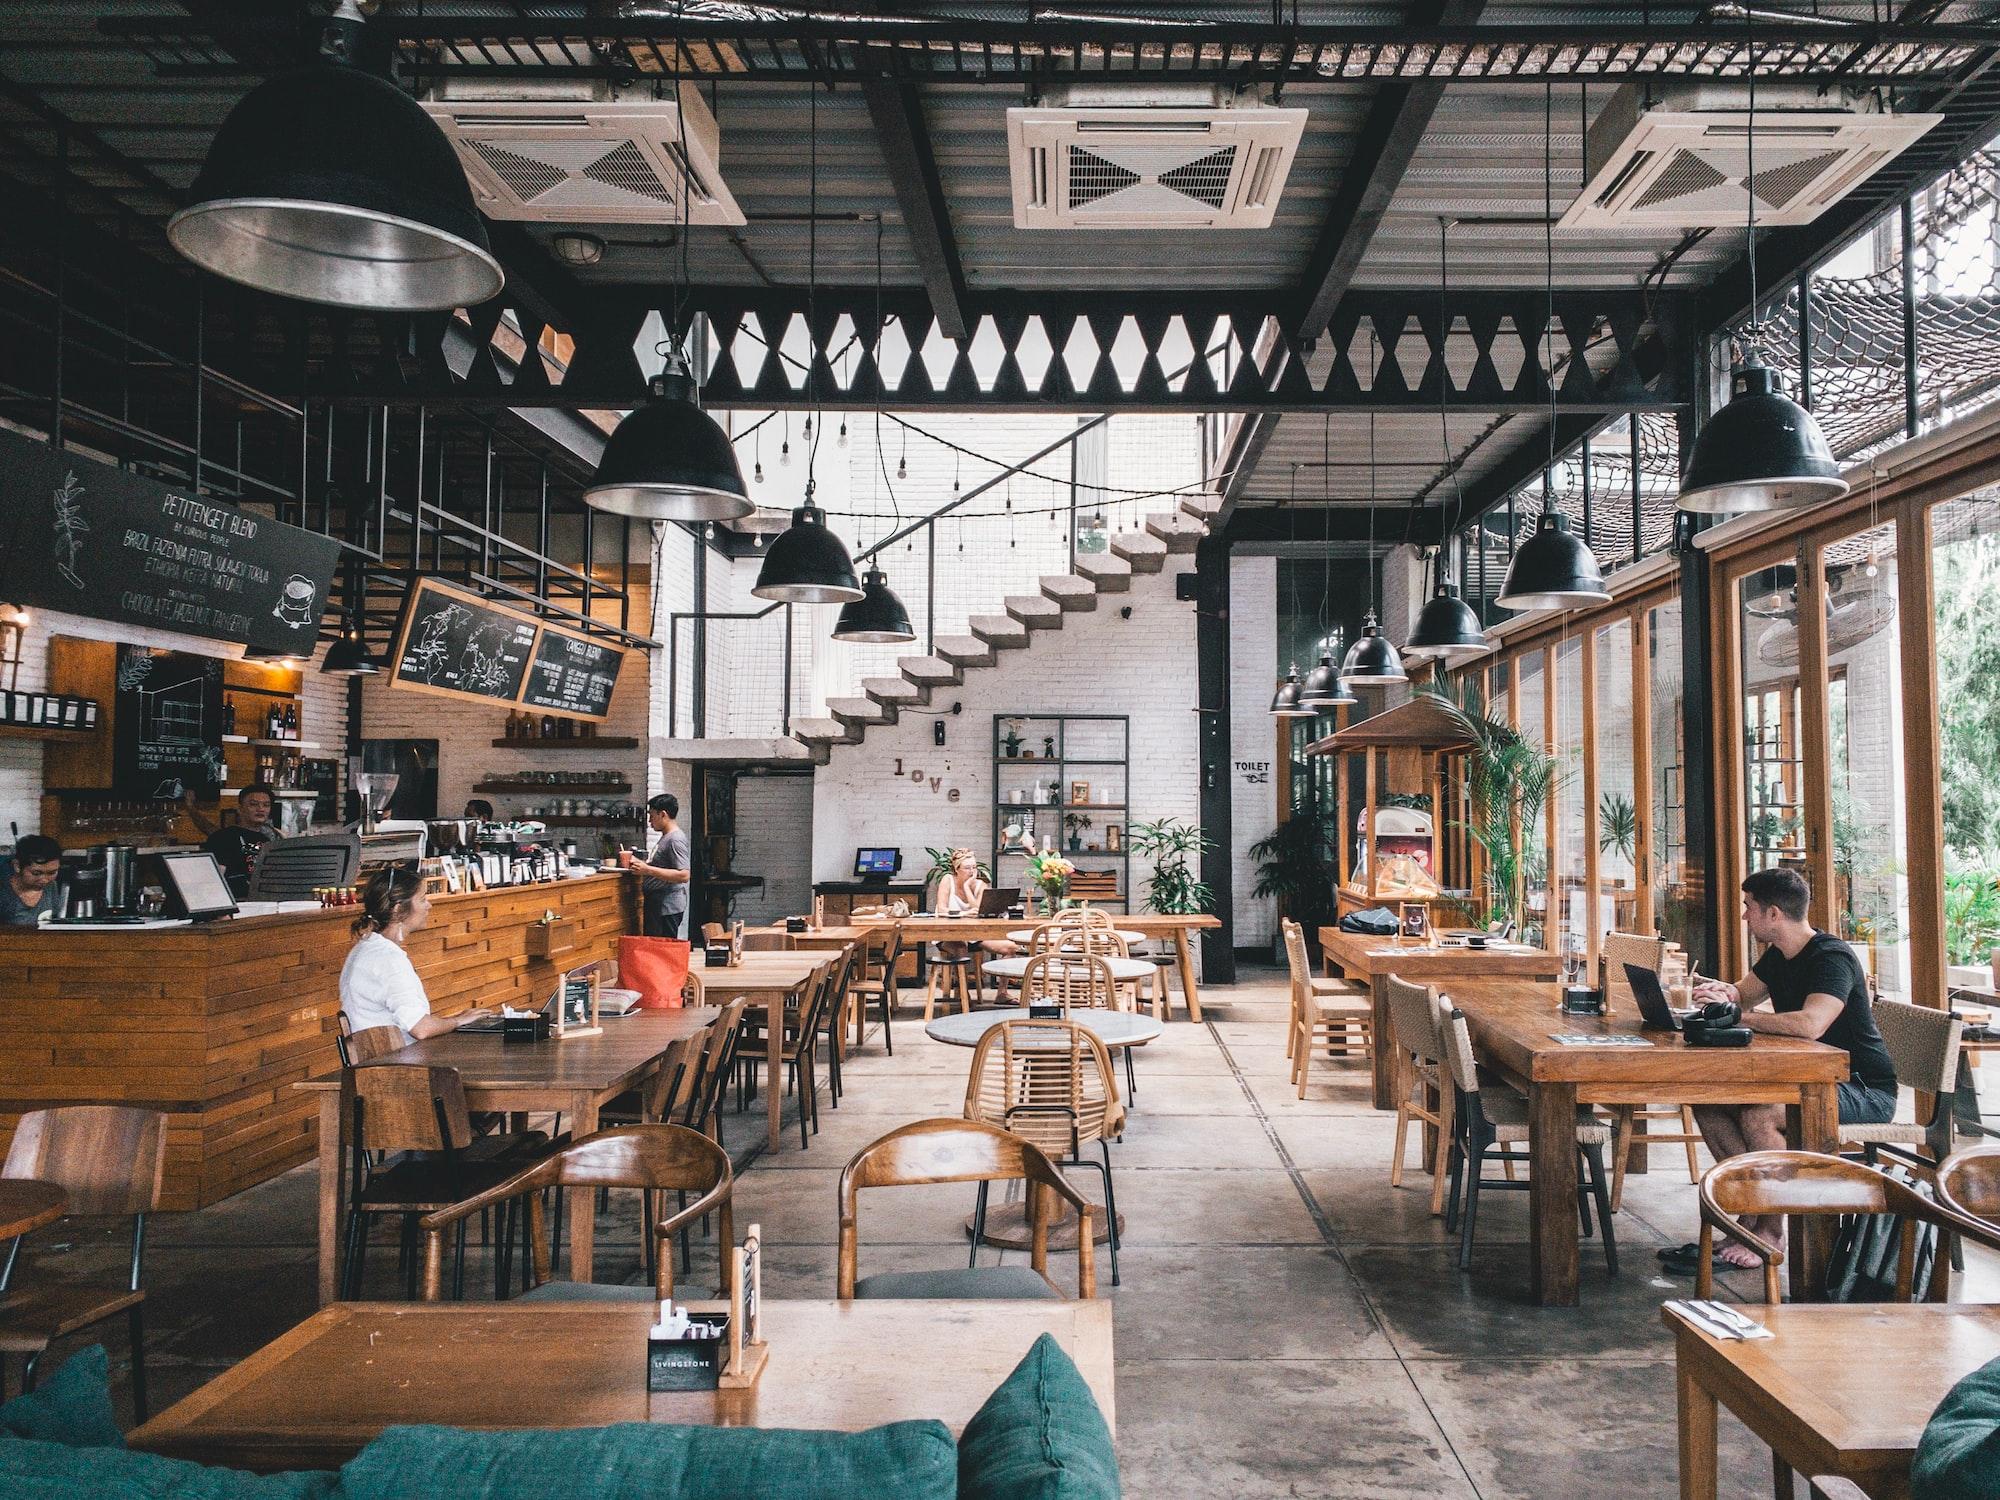 Land beschließt Fahrplan zur schrittweisen Öffnung von Gastronomie und Beherbergungsbetrieben